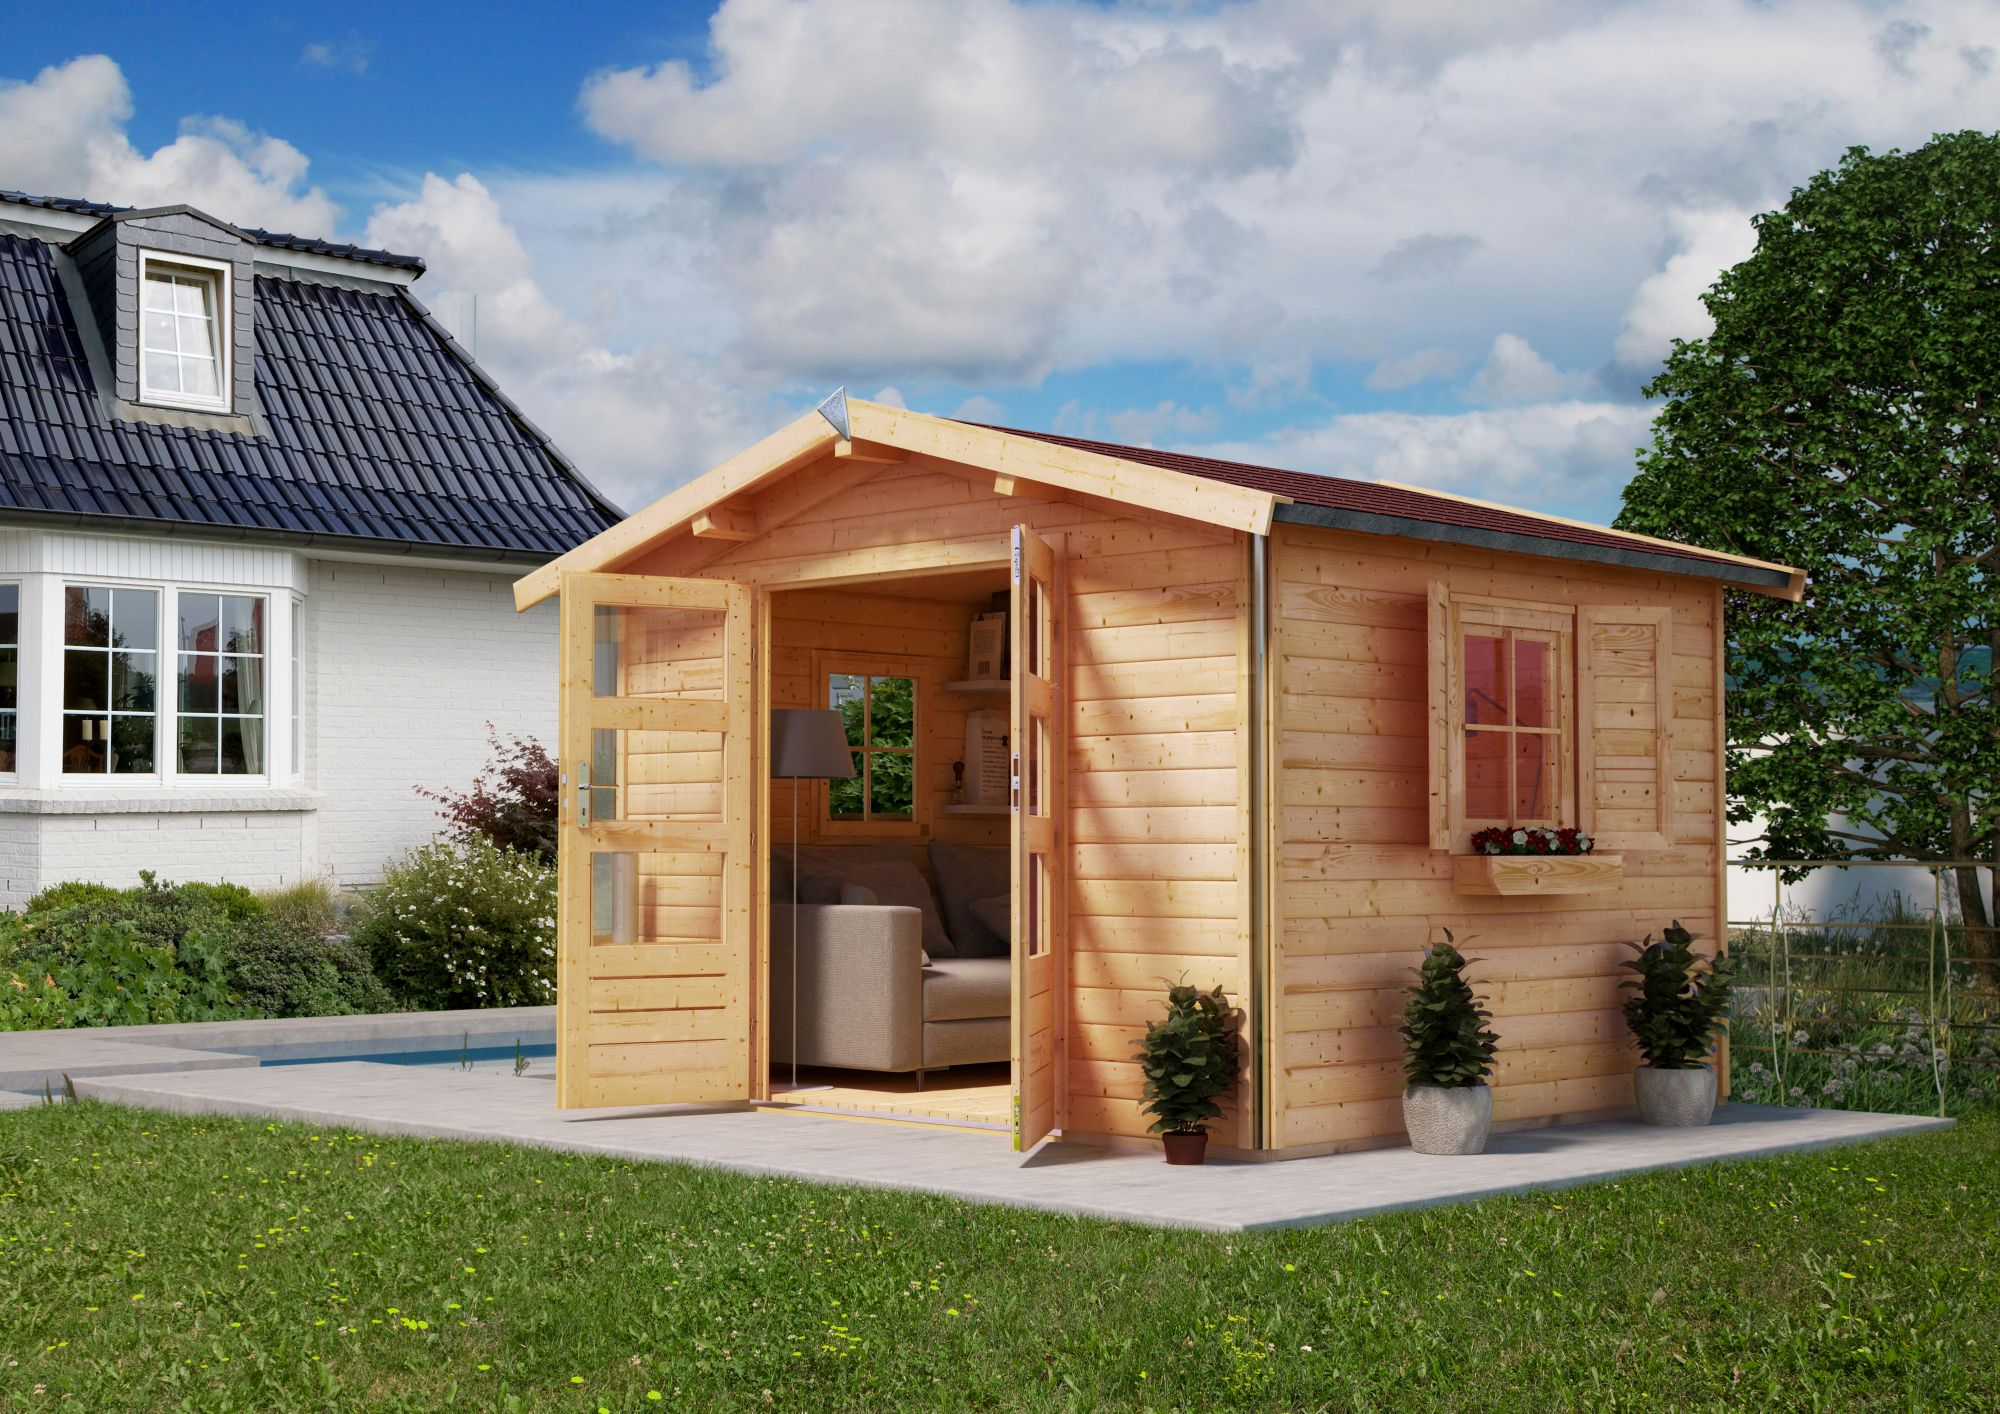 holzhaus g nstig online kaufen beim schwab versand. Black Bedroom Furniture Sets. Home Design Ideas